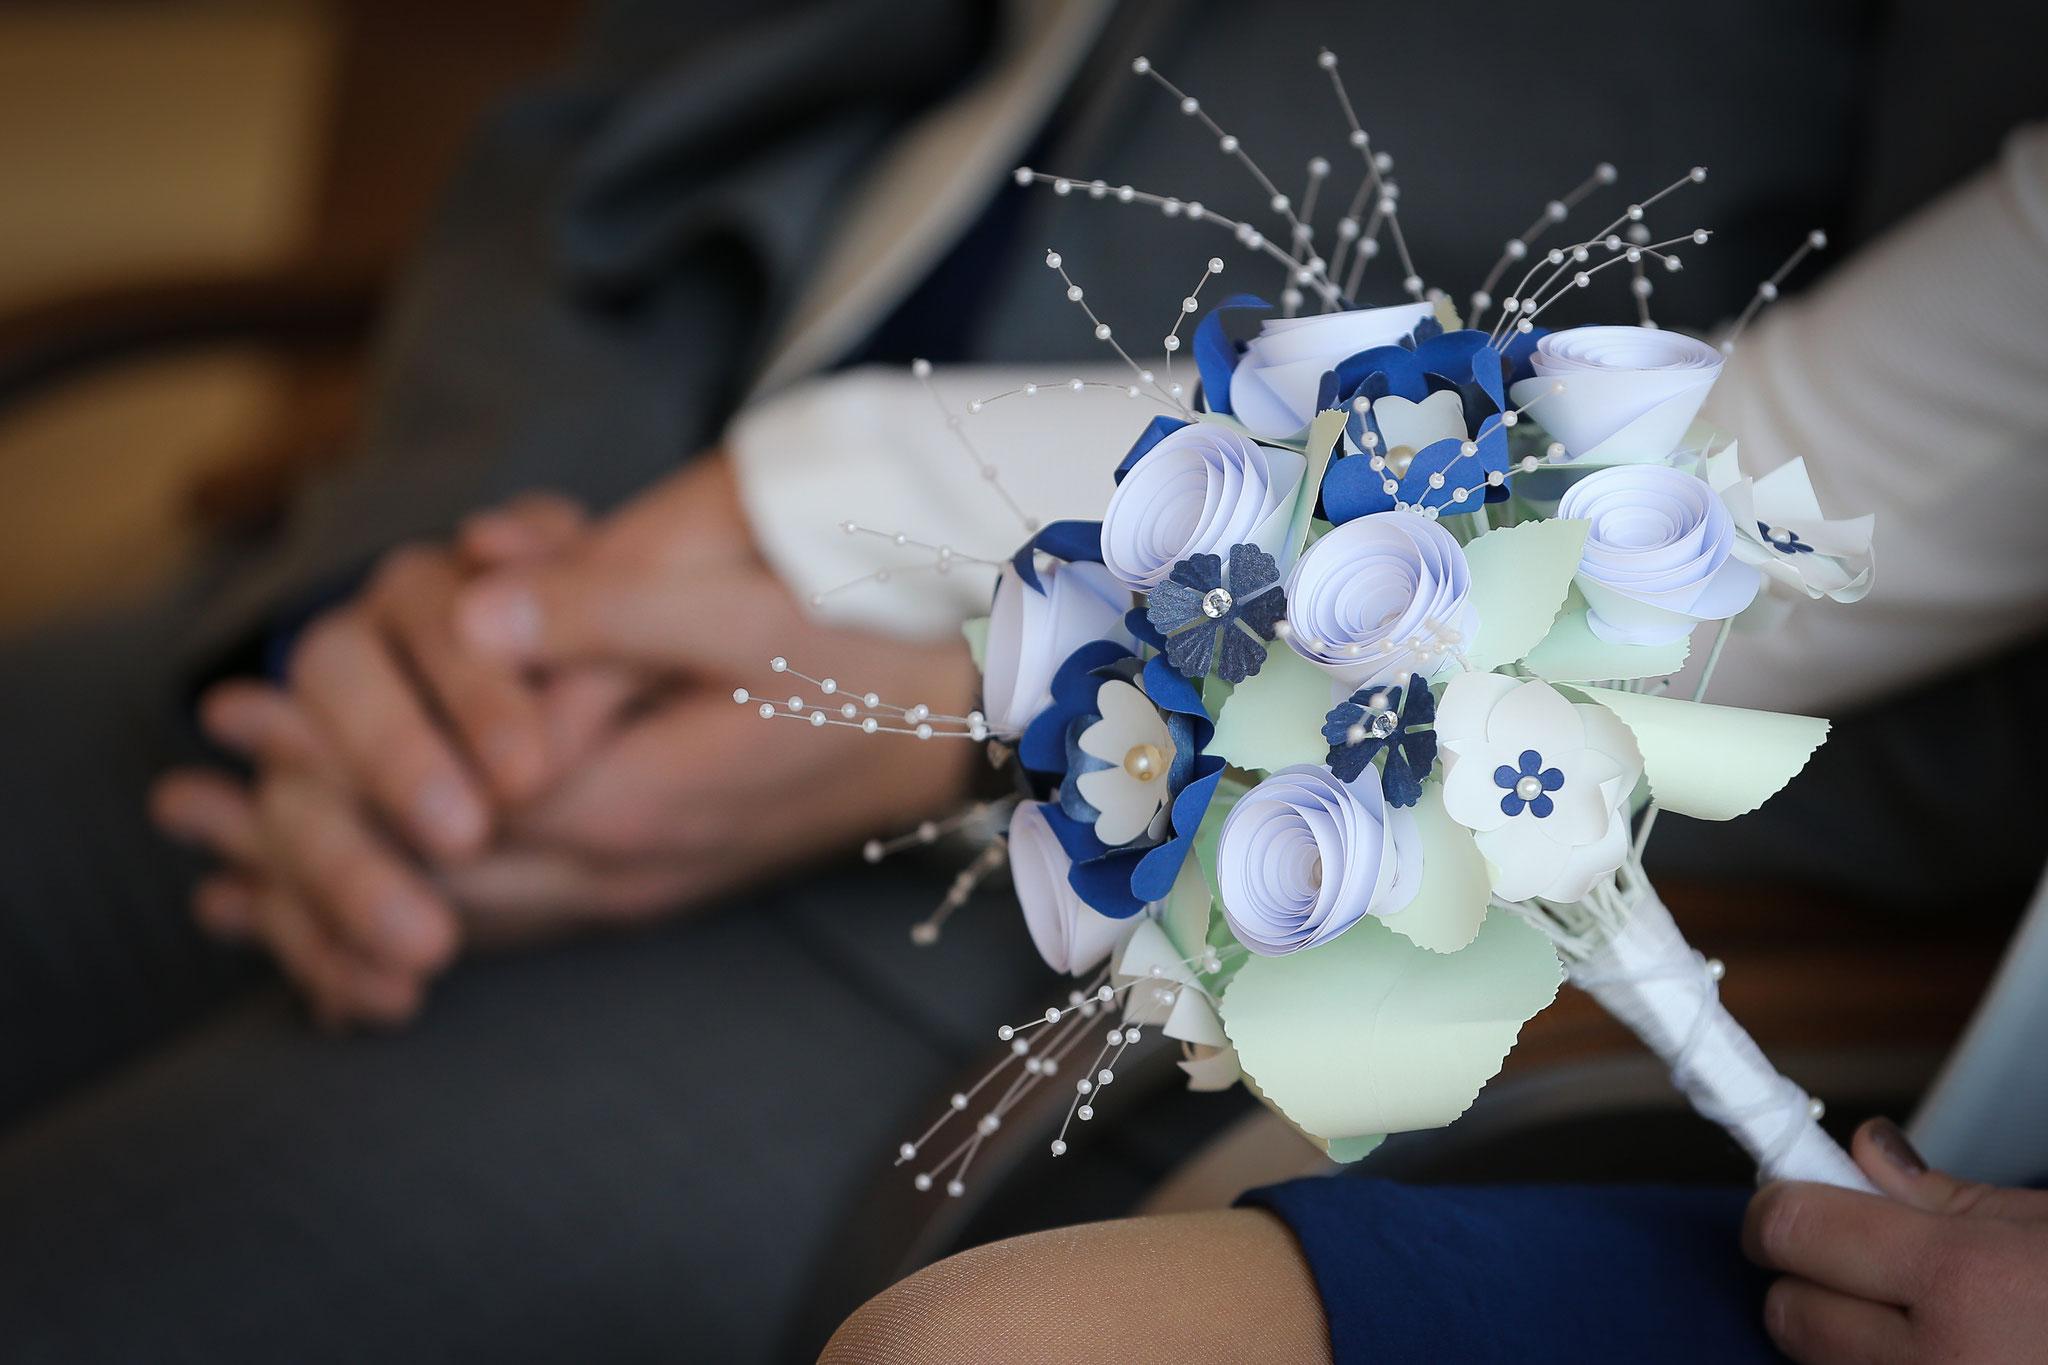 www.lovelyflowers.de - Dein Spezialist für kleine feine PAPER-ART Brautbouquets!